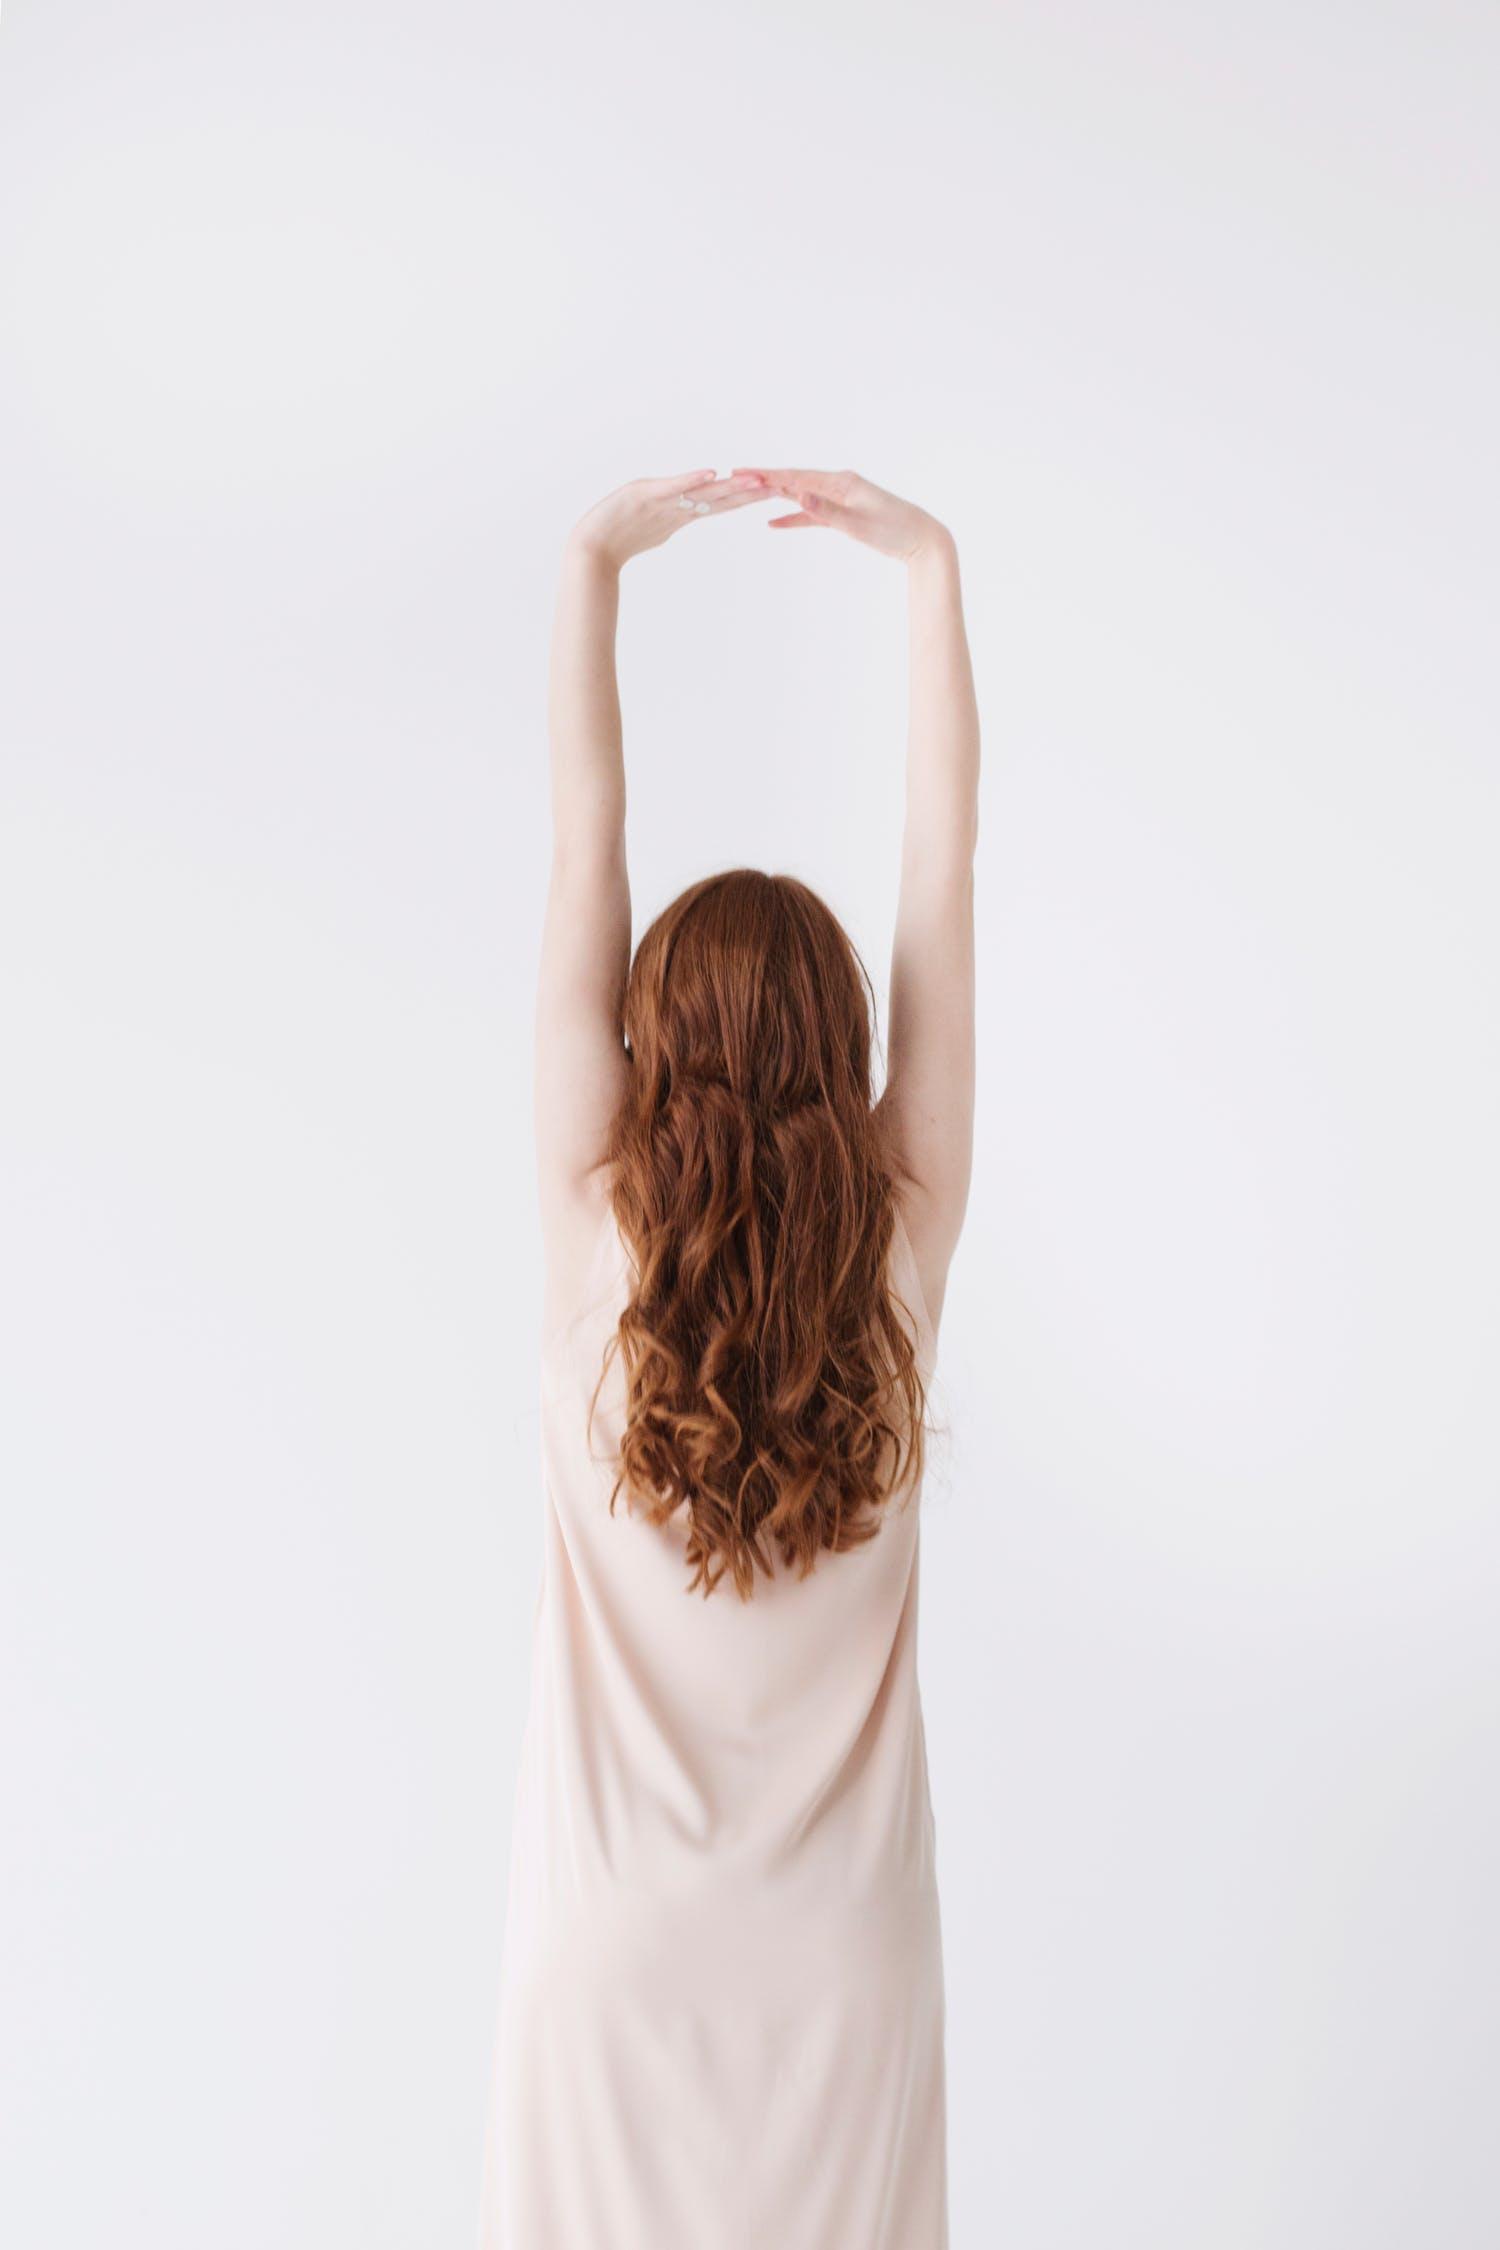 el cabello crezca más rápido